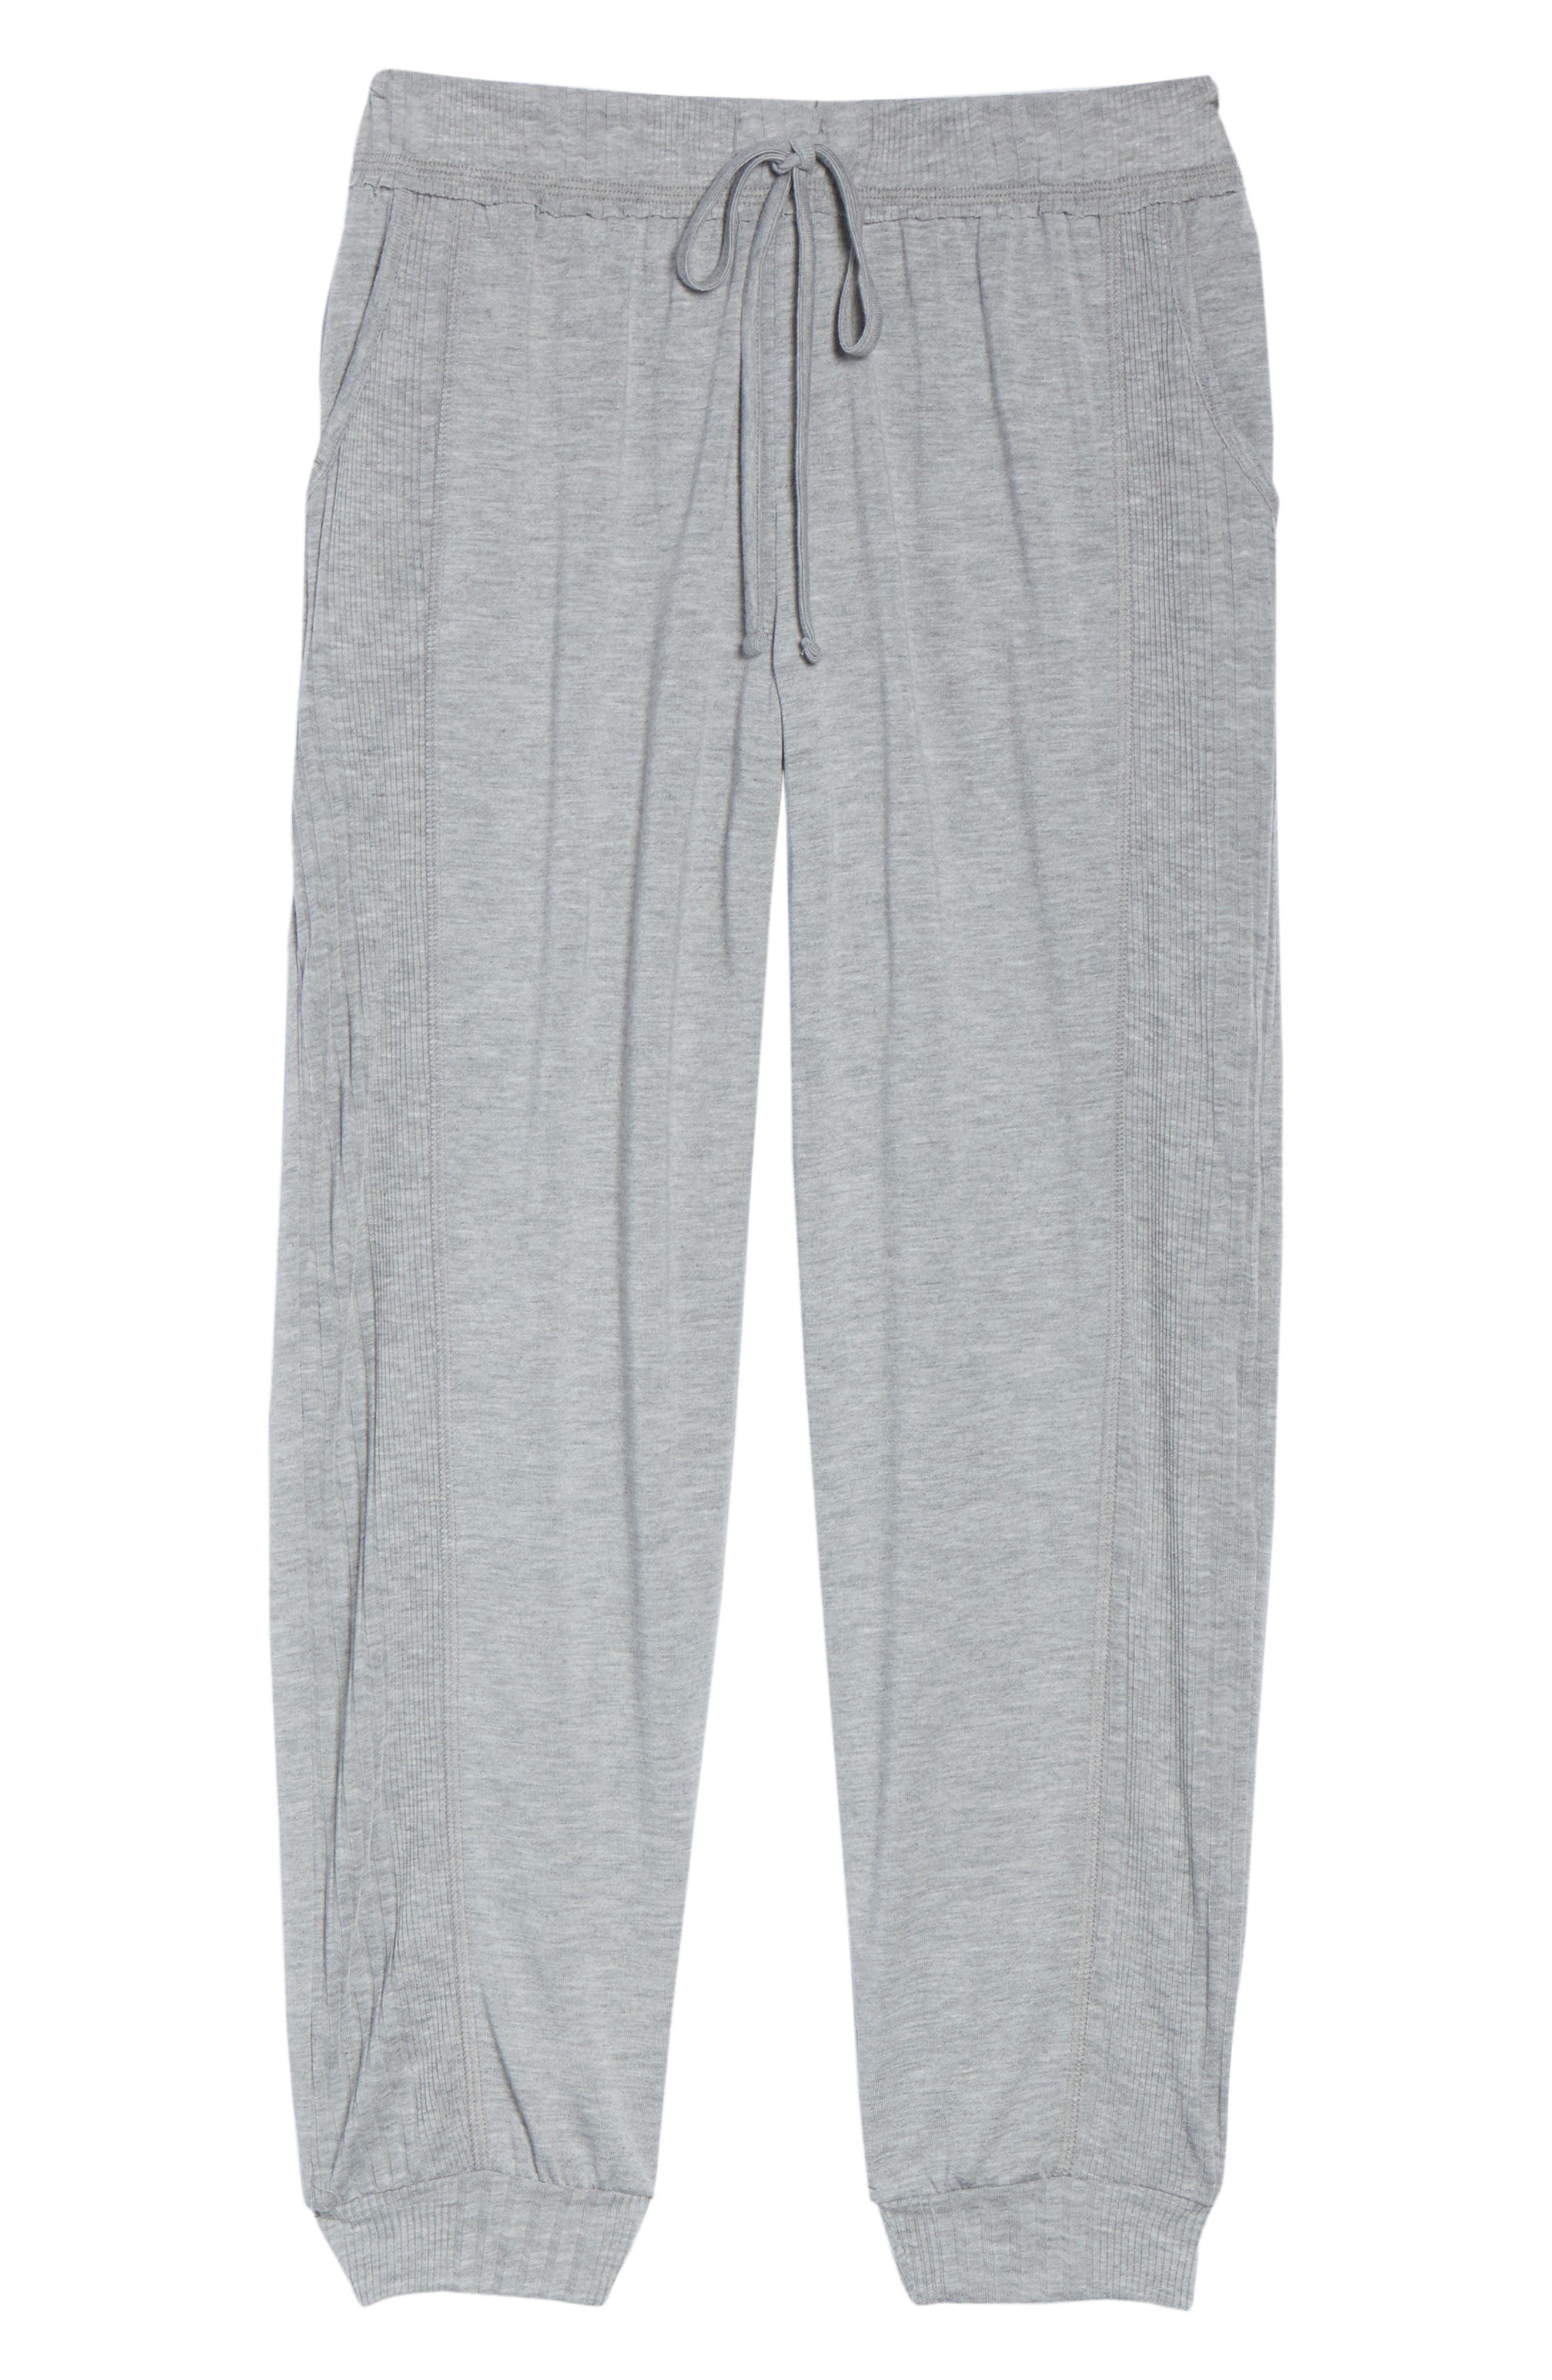 Crop Pajama Pants,                             Alternate thumbnail 6, color,                             LIGHT HEATHER GREY